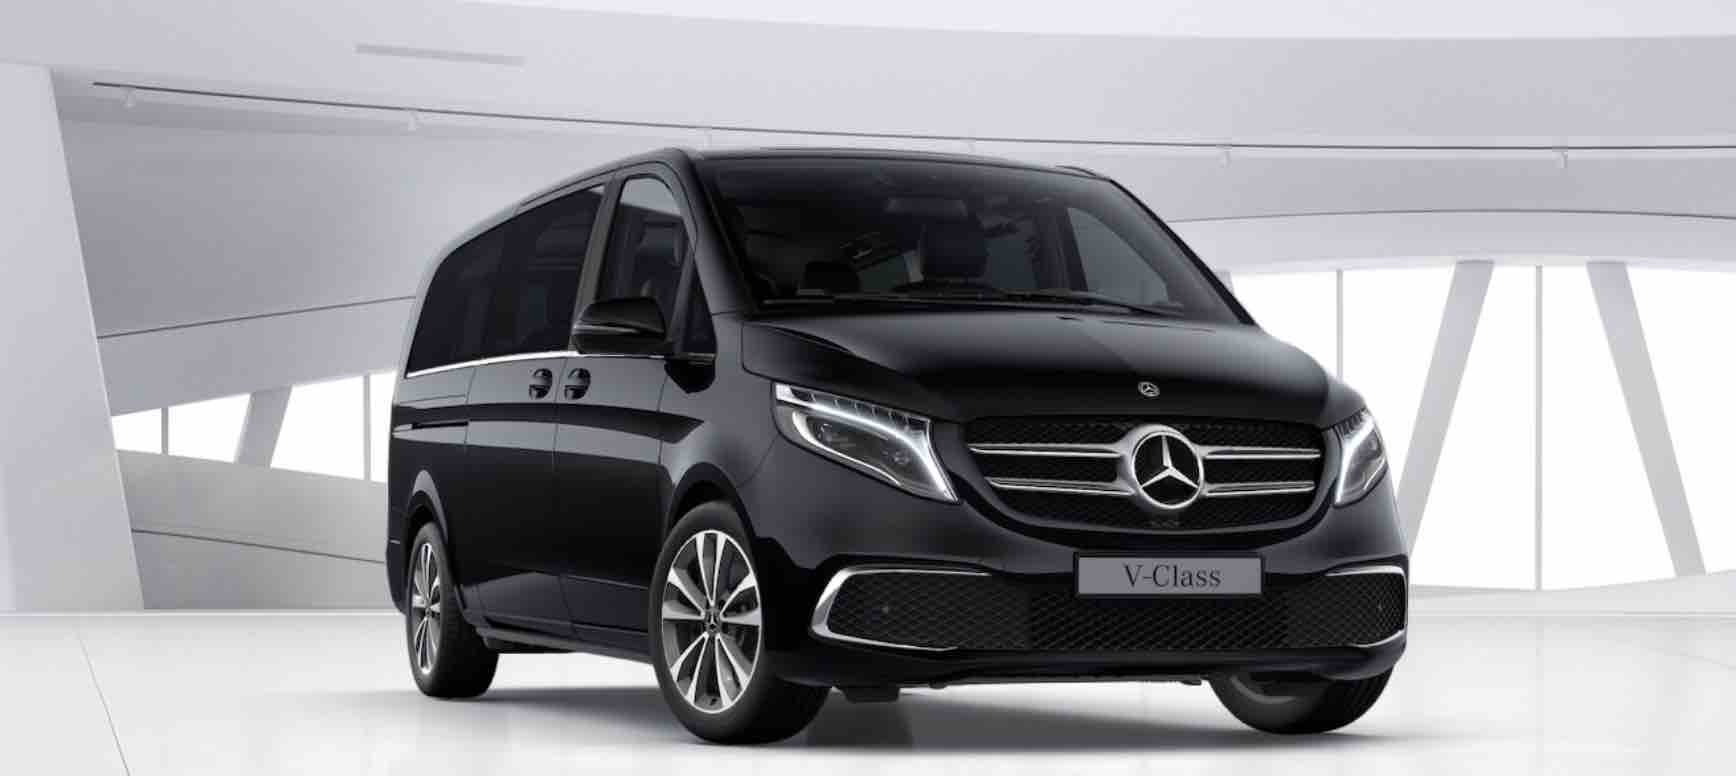 V Class Minivan лимузин сервис Mилан